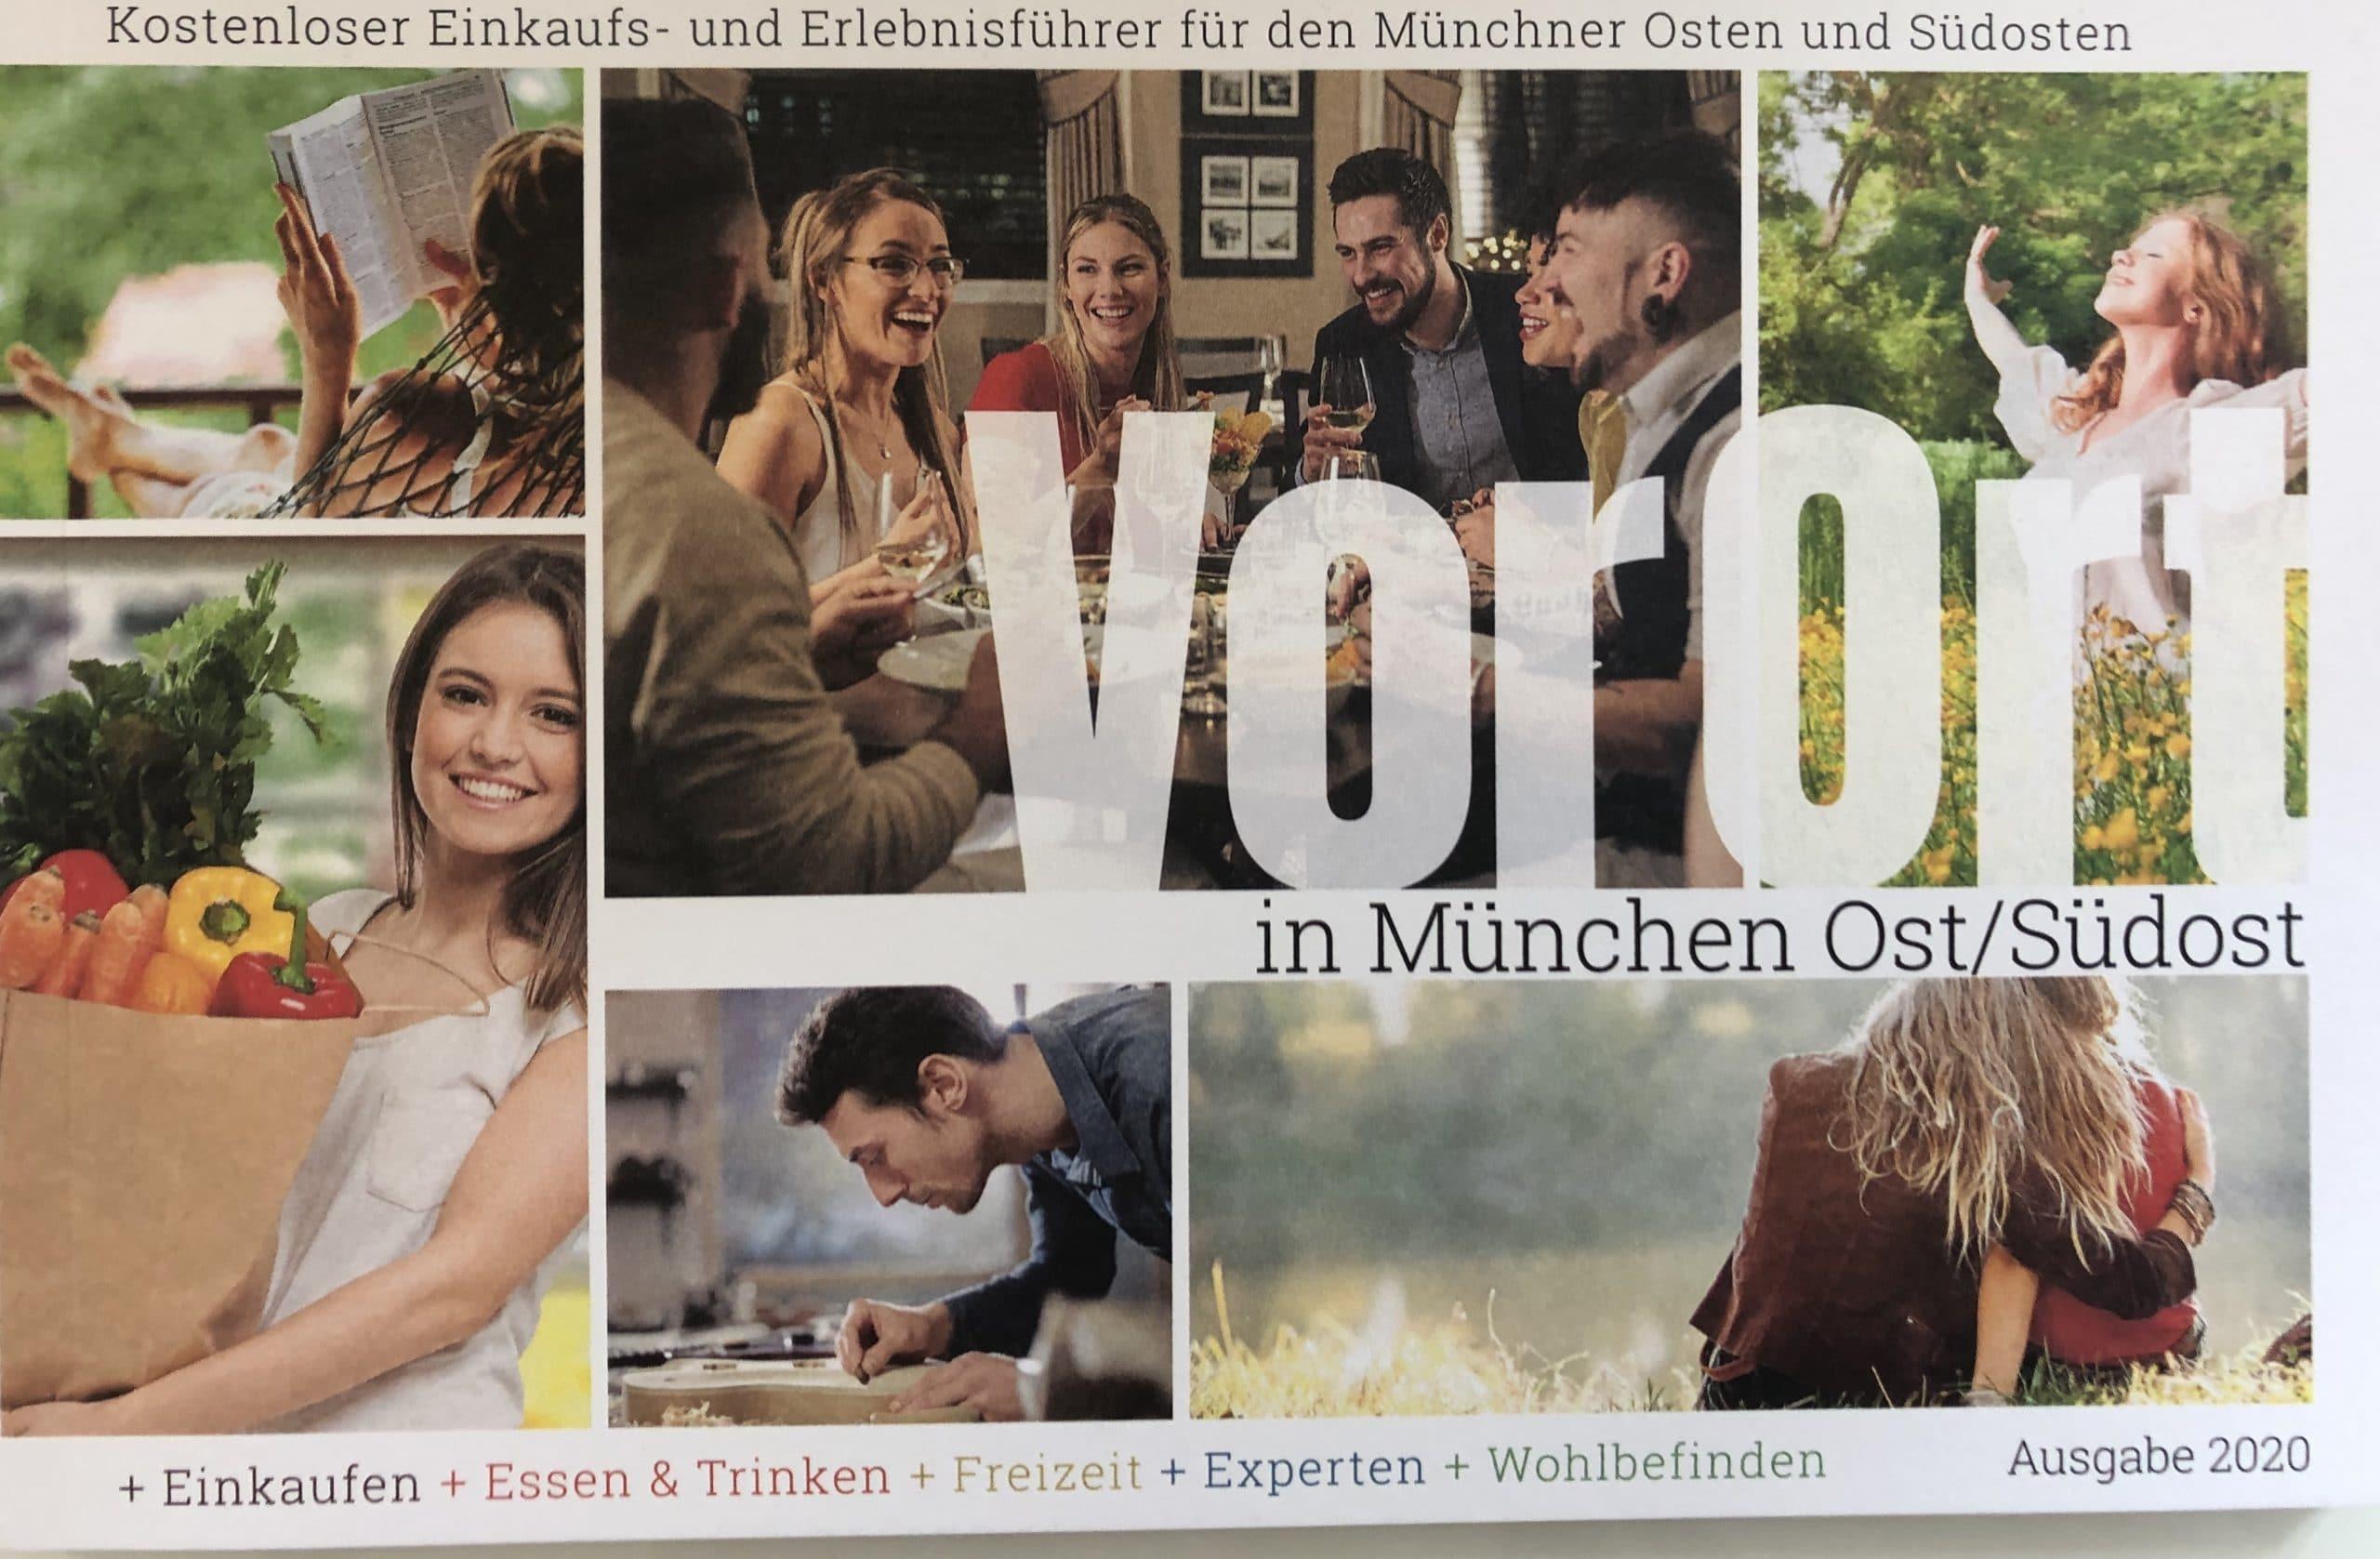 Der Einkaufs- und Erlebnisführer für den Münchner Osten und Südosten